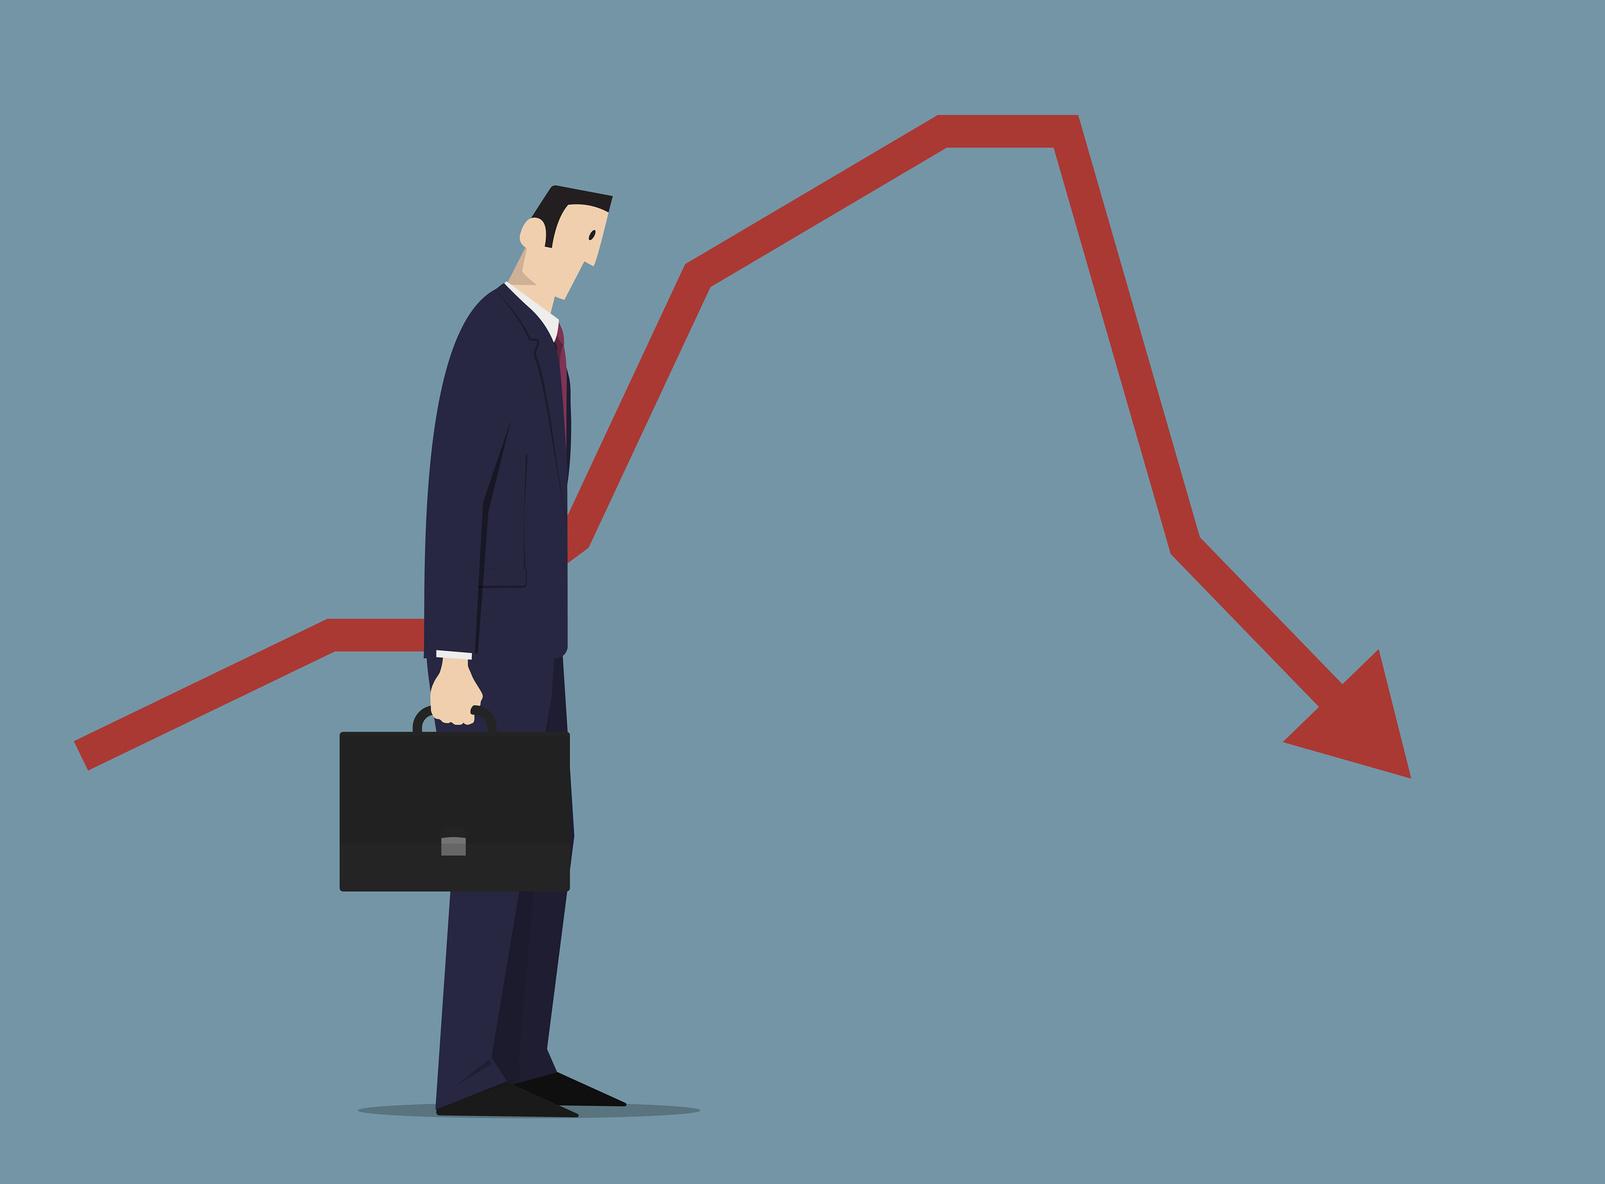 5 dấu hiệu cho thấy việc kinh doanh của bạn đang đi sai hướng